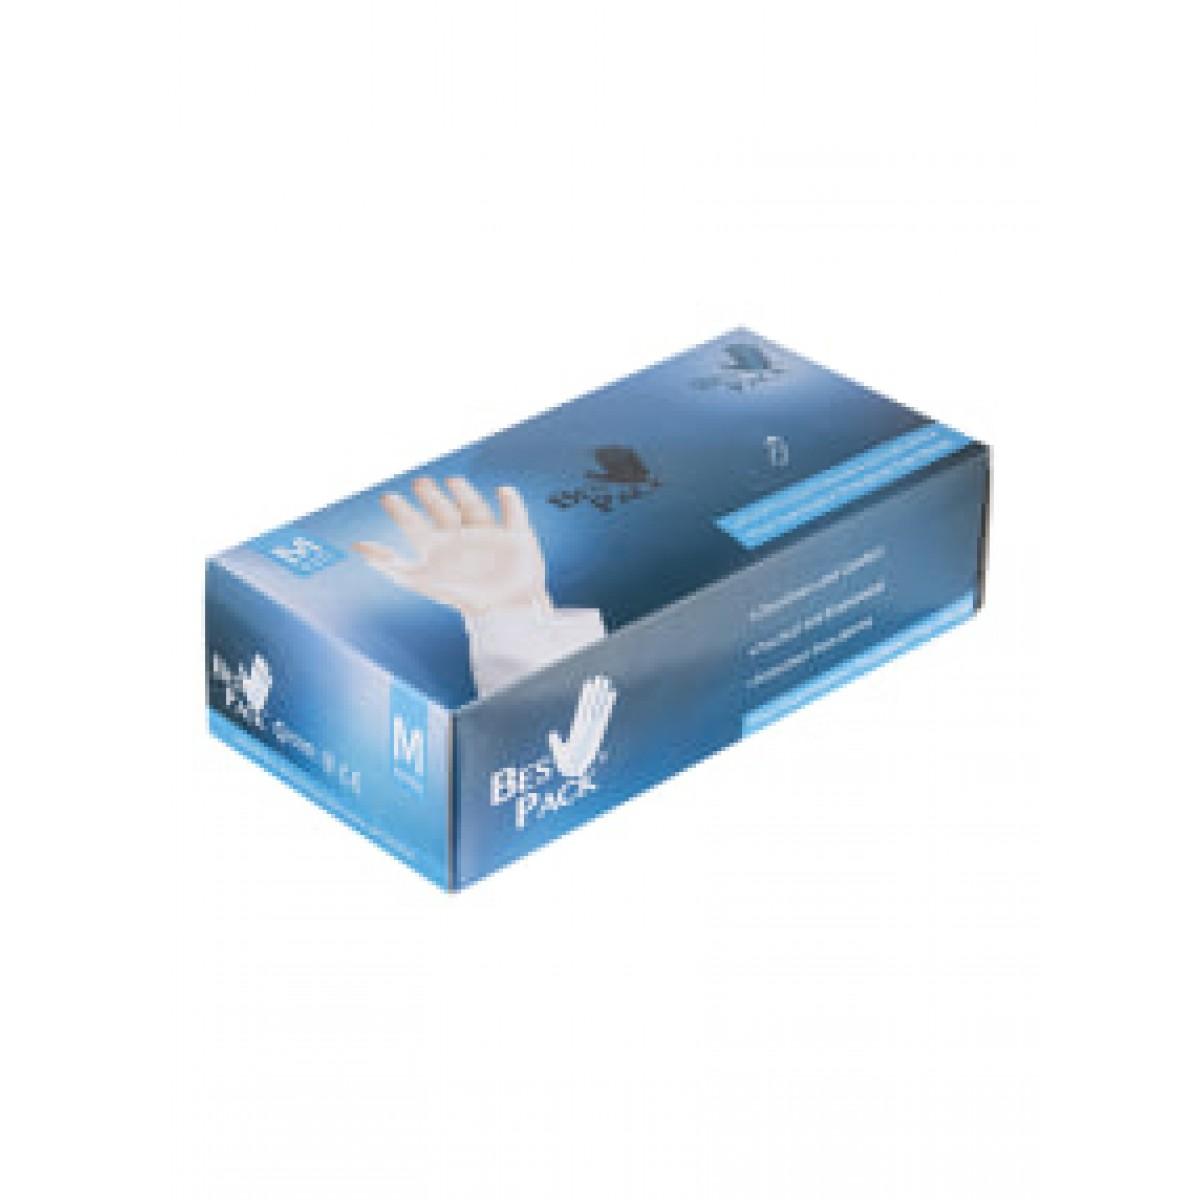 بيس باك قفازات مصنوعة من الفينيل شفاف Medium